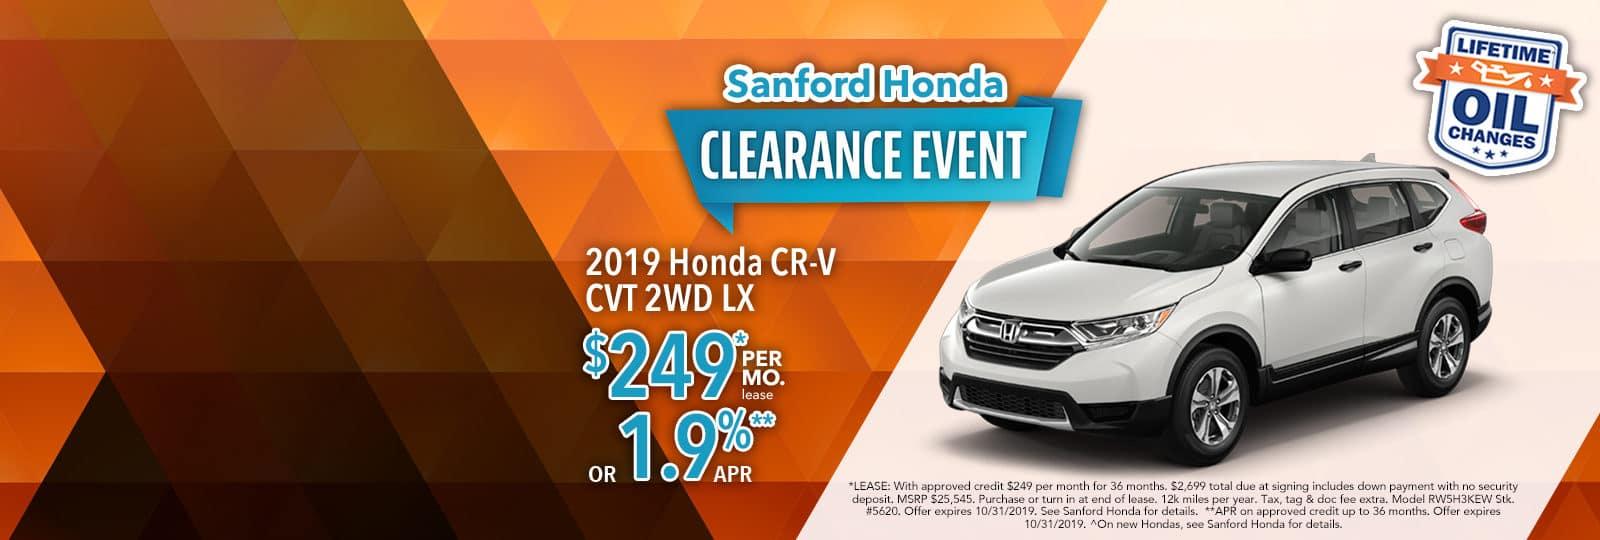 Sanford_CRV_Slider_9-2019